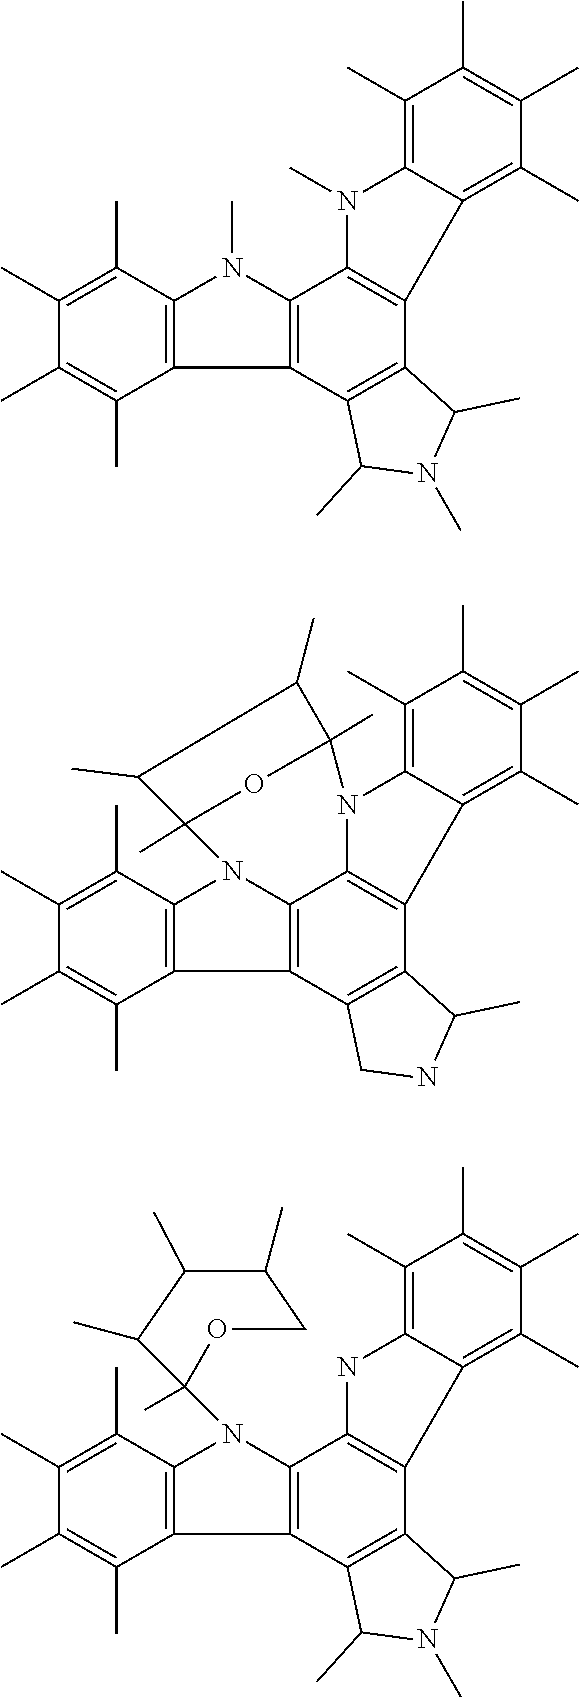 Figure US20110213358A1-20110901-C00002